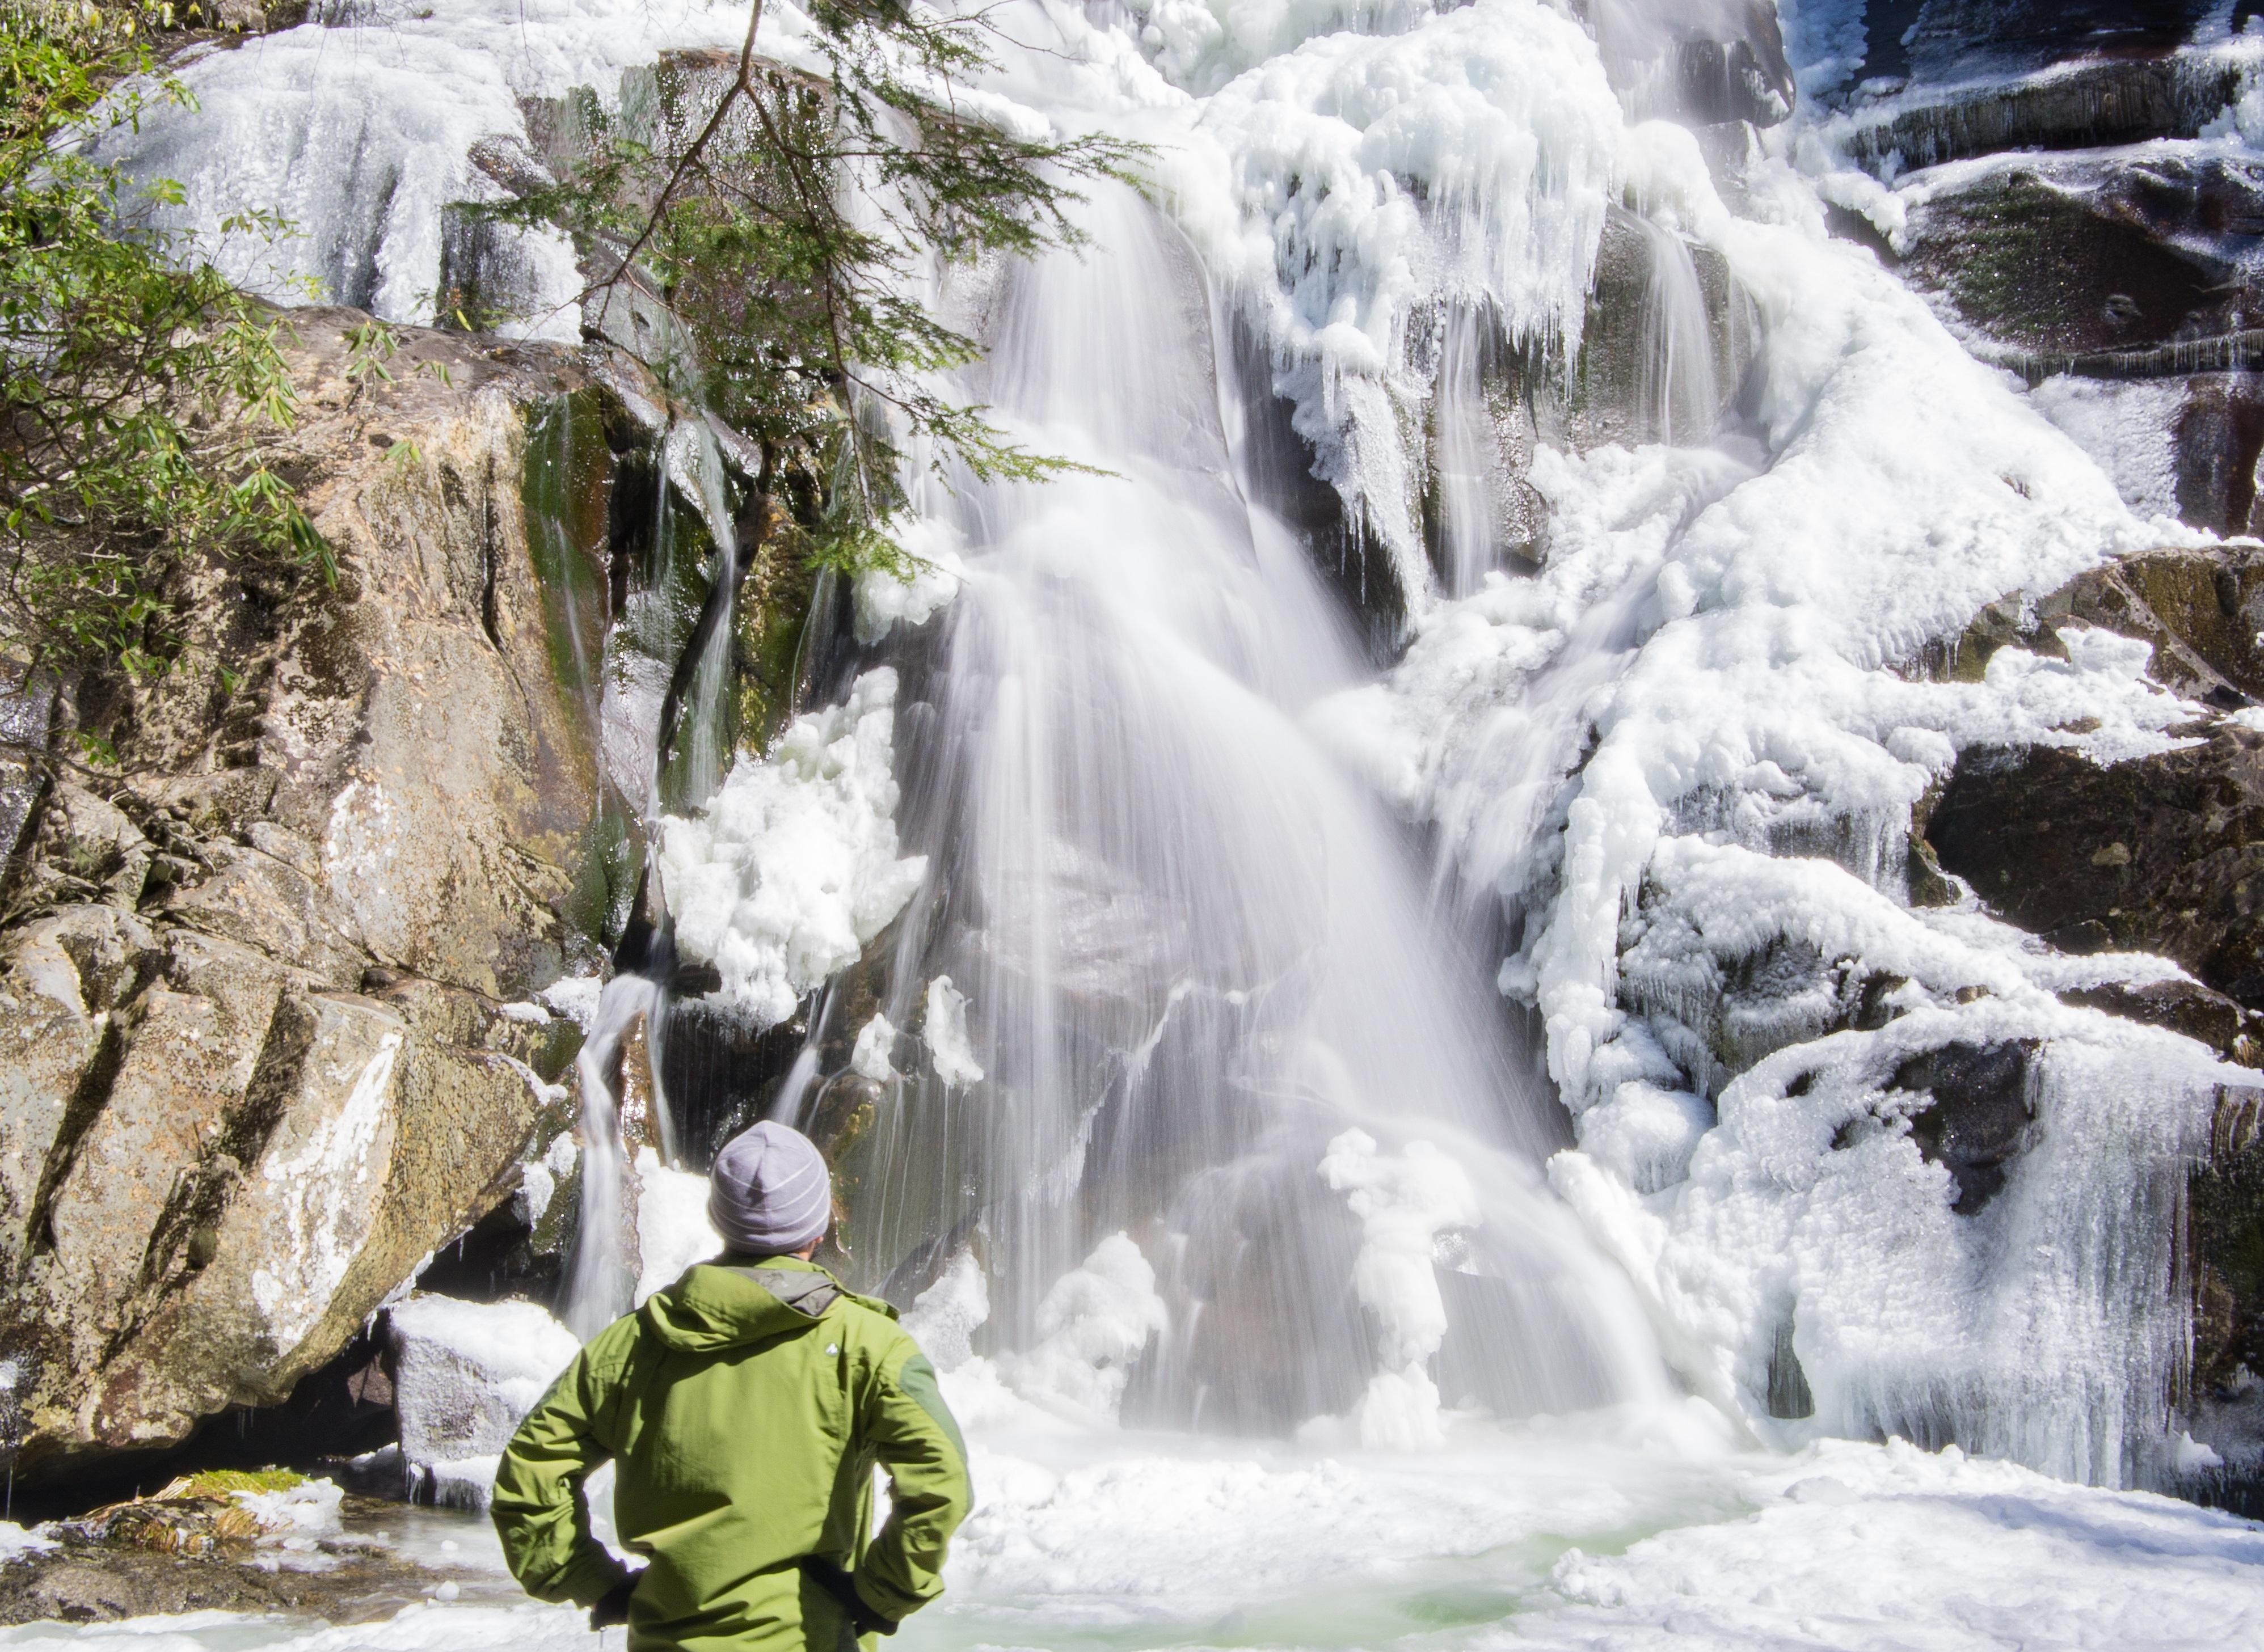 <pre></noscript>Fotos de Pathfinder: paseando por las cascadas del Parque Nacional Great Smoky Mountains